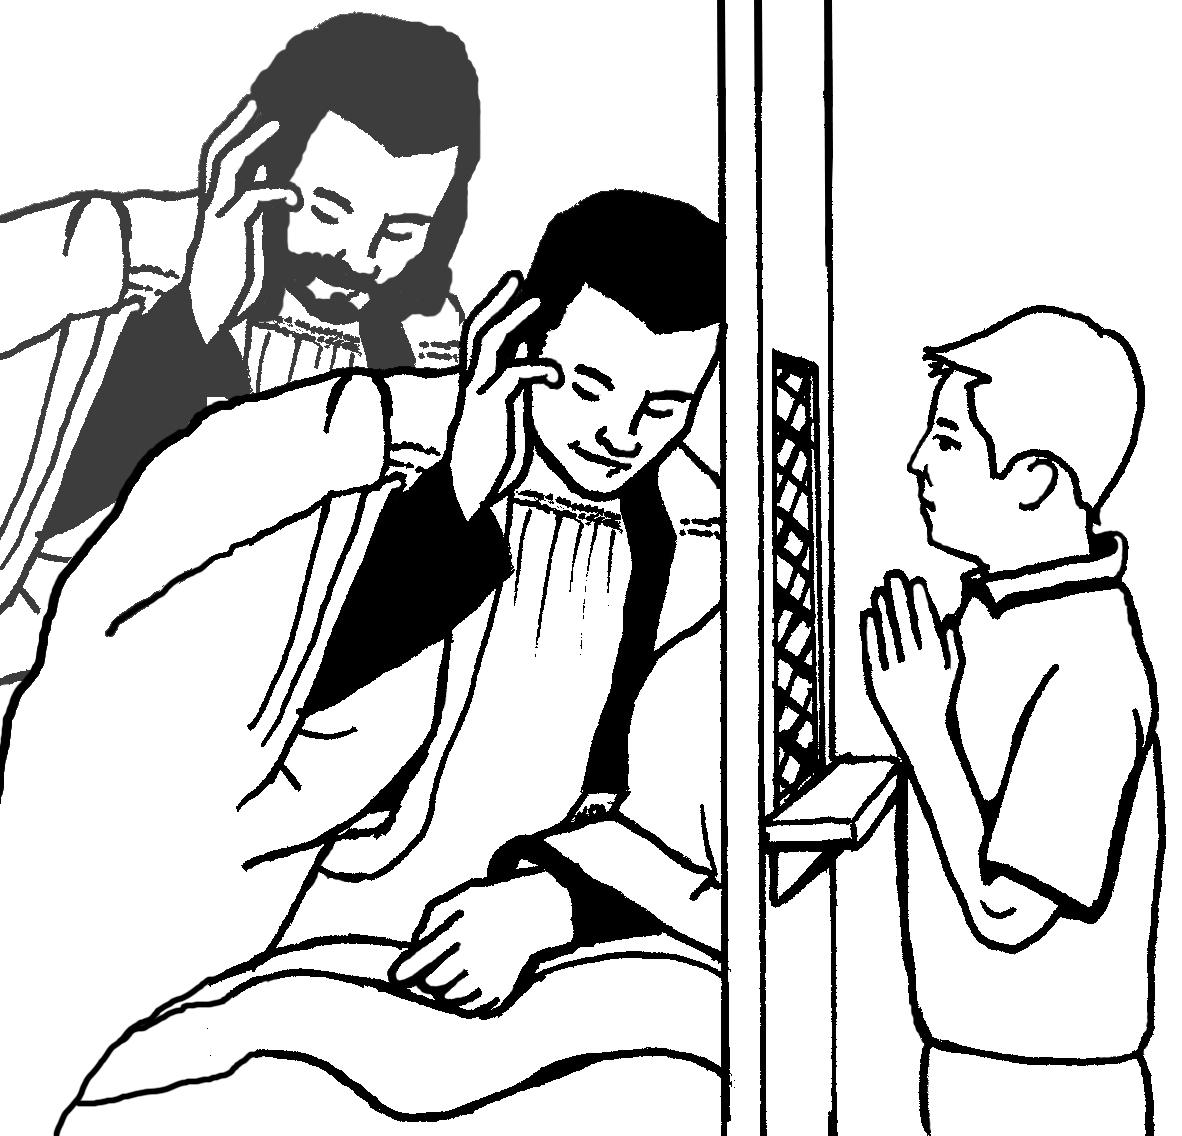 Sacramental Confession Is An Unbiblical Concept FALSE